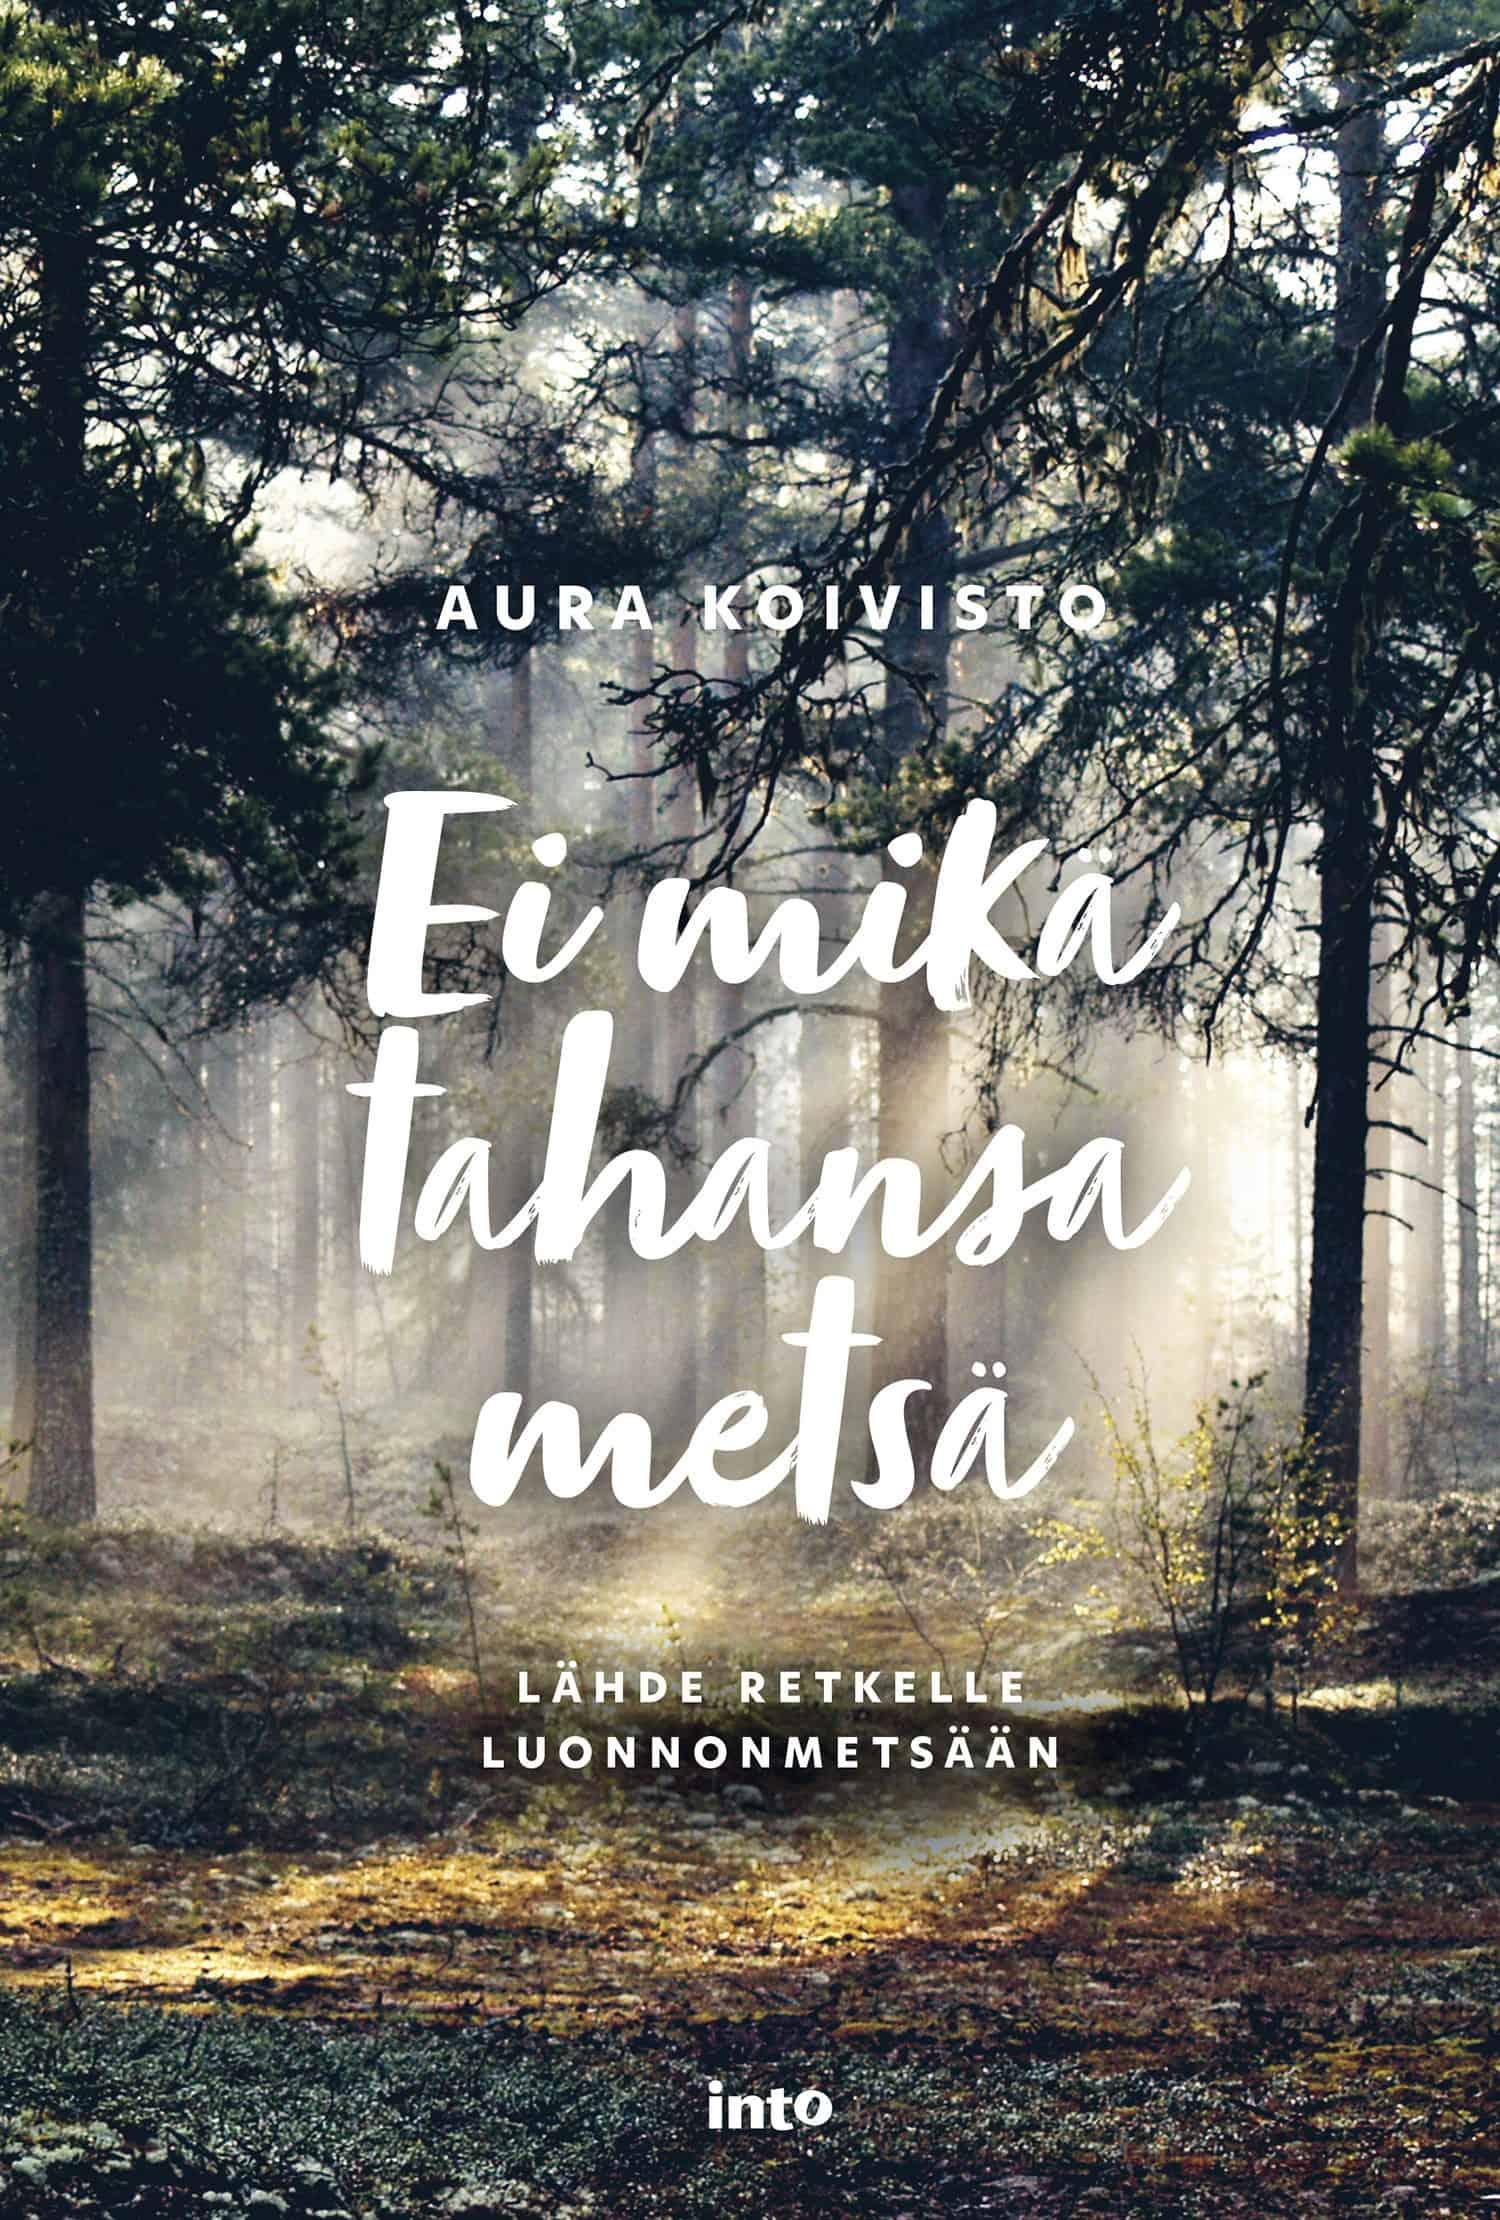 Ei mikä tahansa metsä